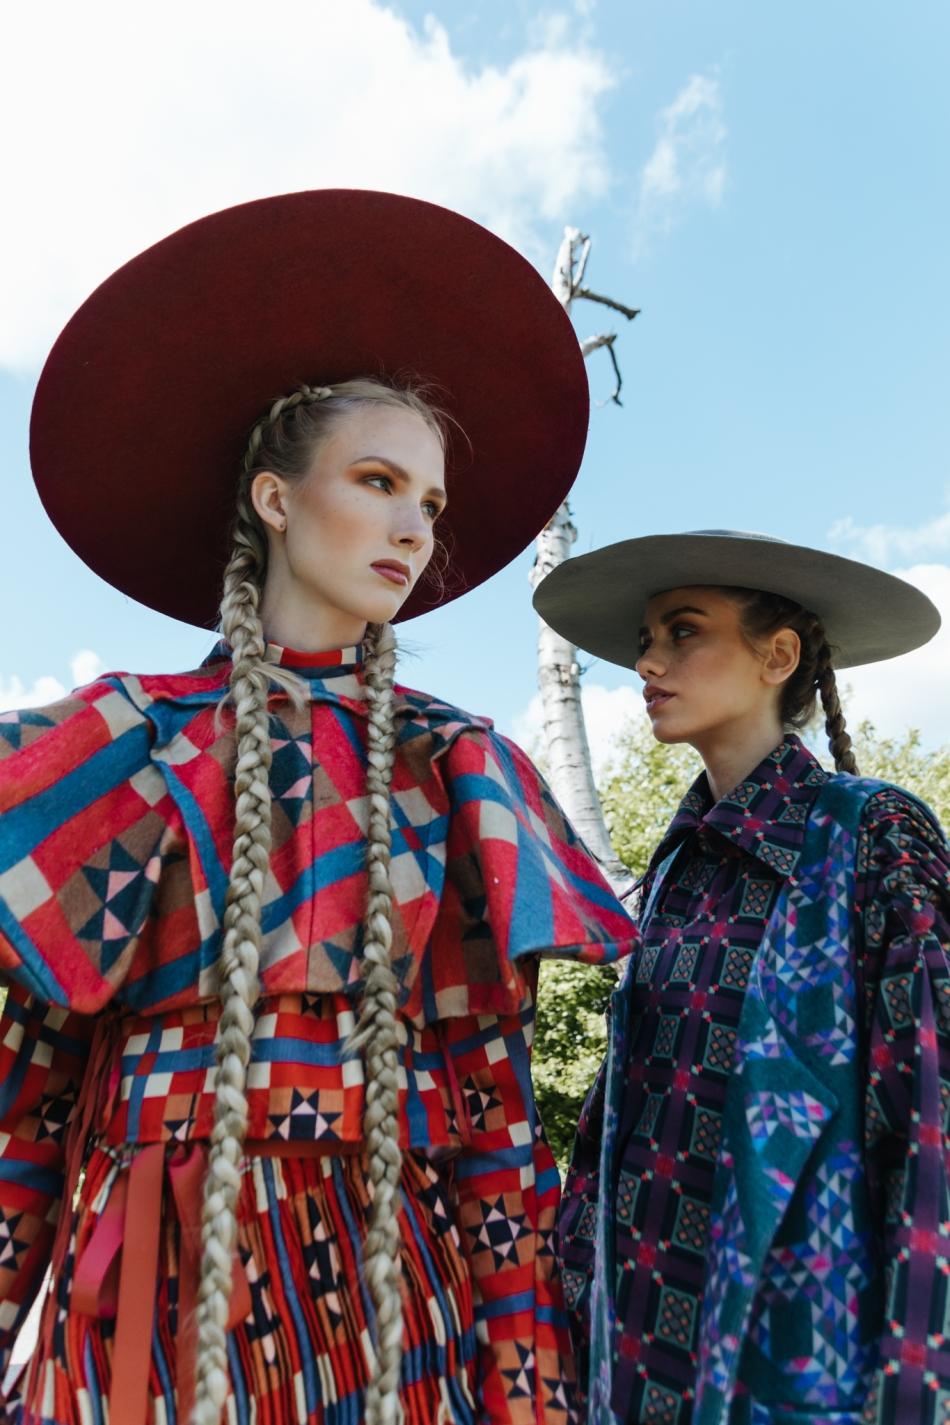 Aaminah-Kara-Fashion-Design-Image-4.jpg